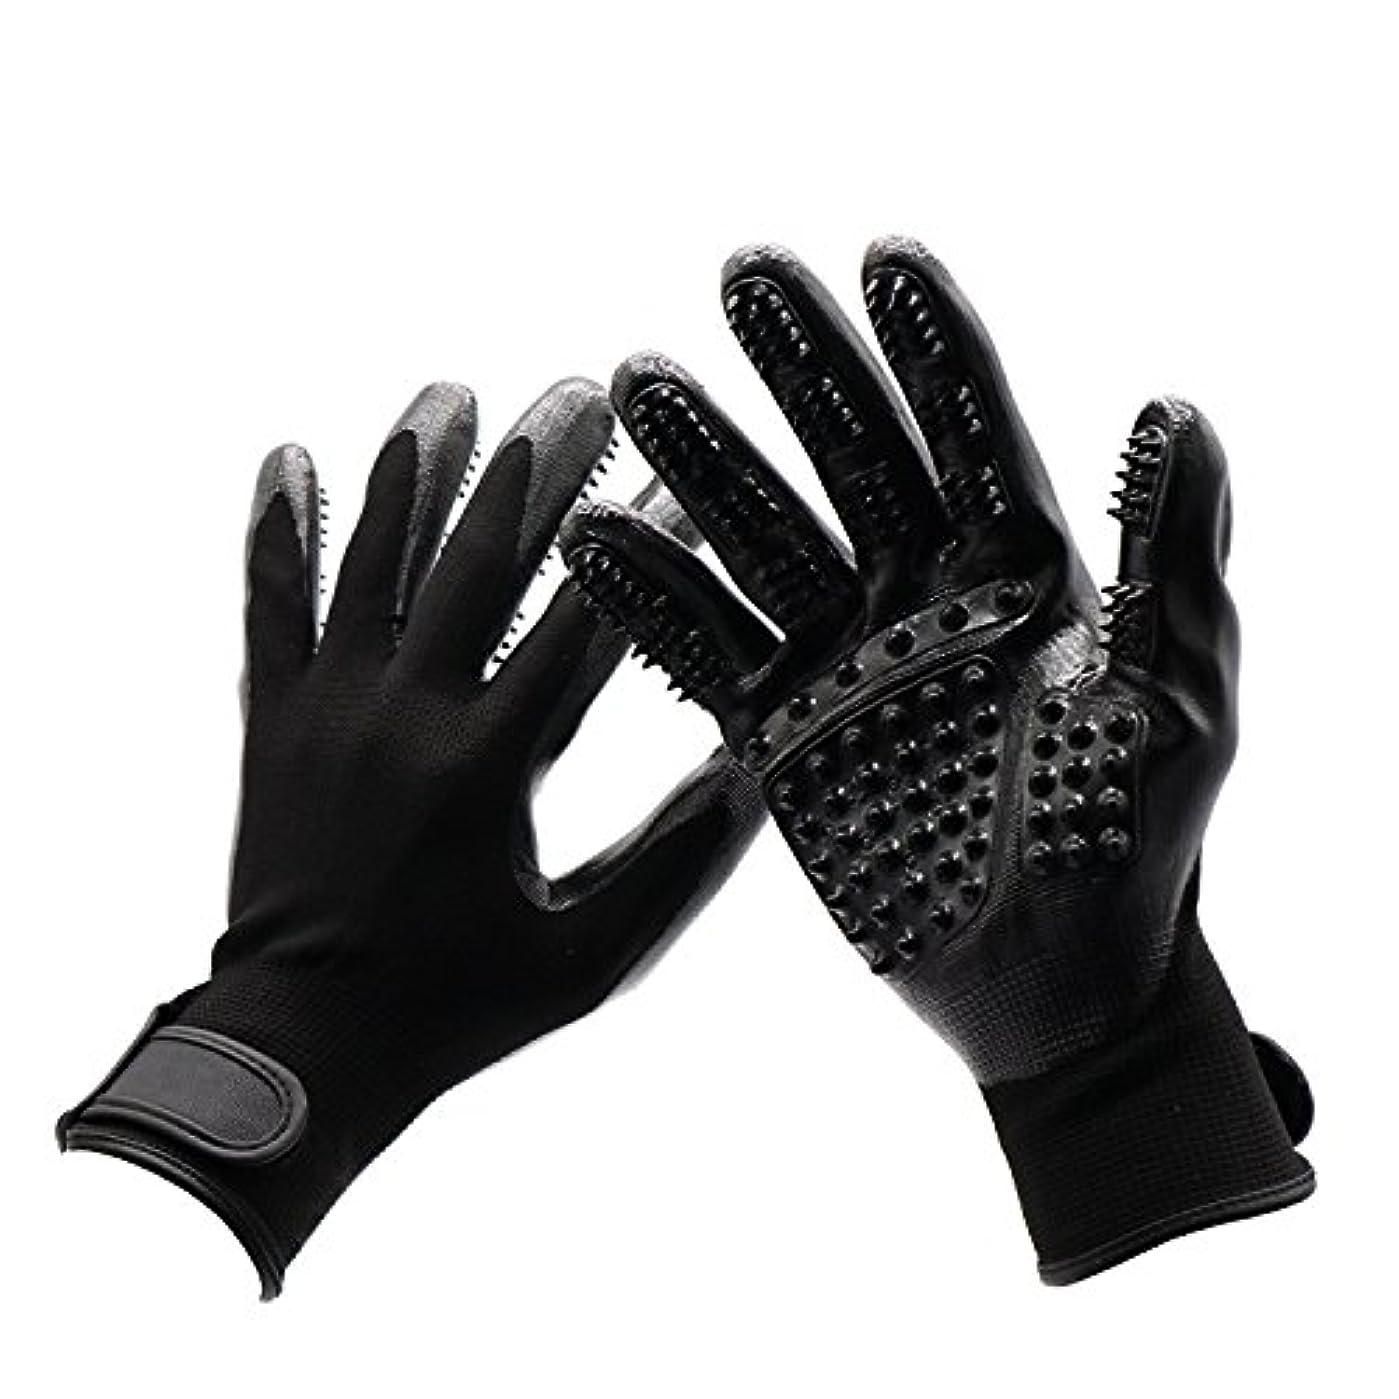 フルート病気の非公式BTXXYJP 手袋 ペット ブラシ 猫 ブラシ グローブ クリーナー 抜け毛取り マッサージブラシ 犬 グローブ ペット毛取りブラシ お手入れ (Color : Black, Size : L- 9.6*5.5in)